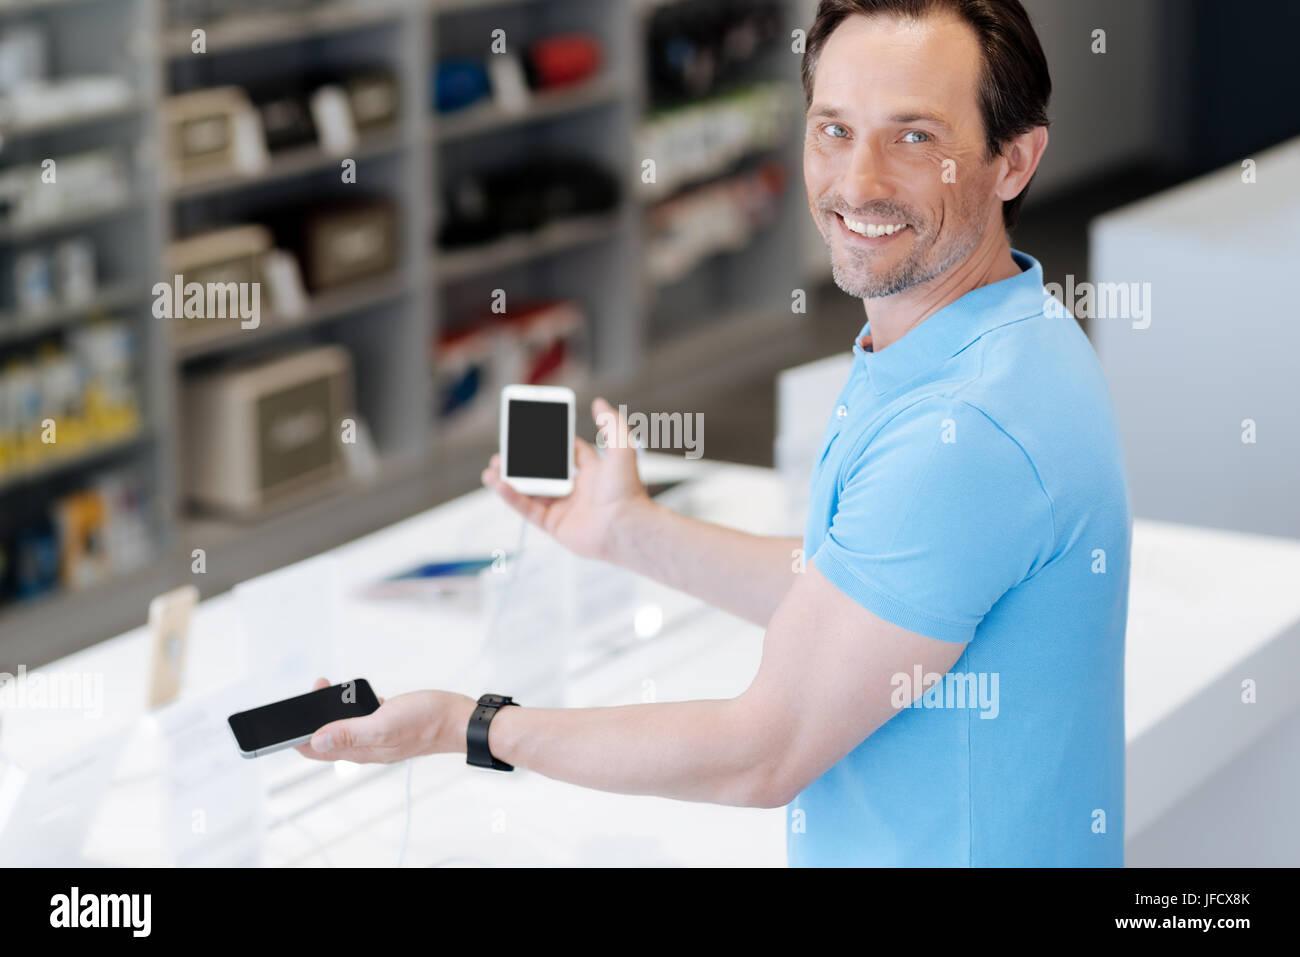 No sabe cuál elegir. Hombre sonriendo ampliamente radiante mientras que la compra de un teléfono nuevo Imagen De Stock